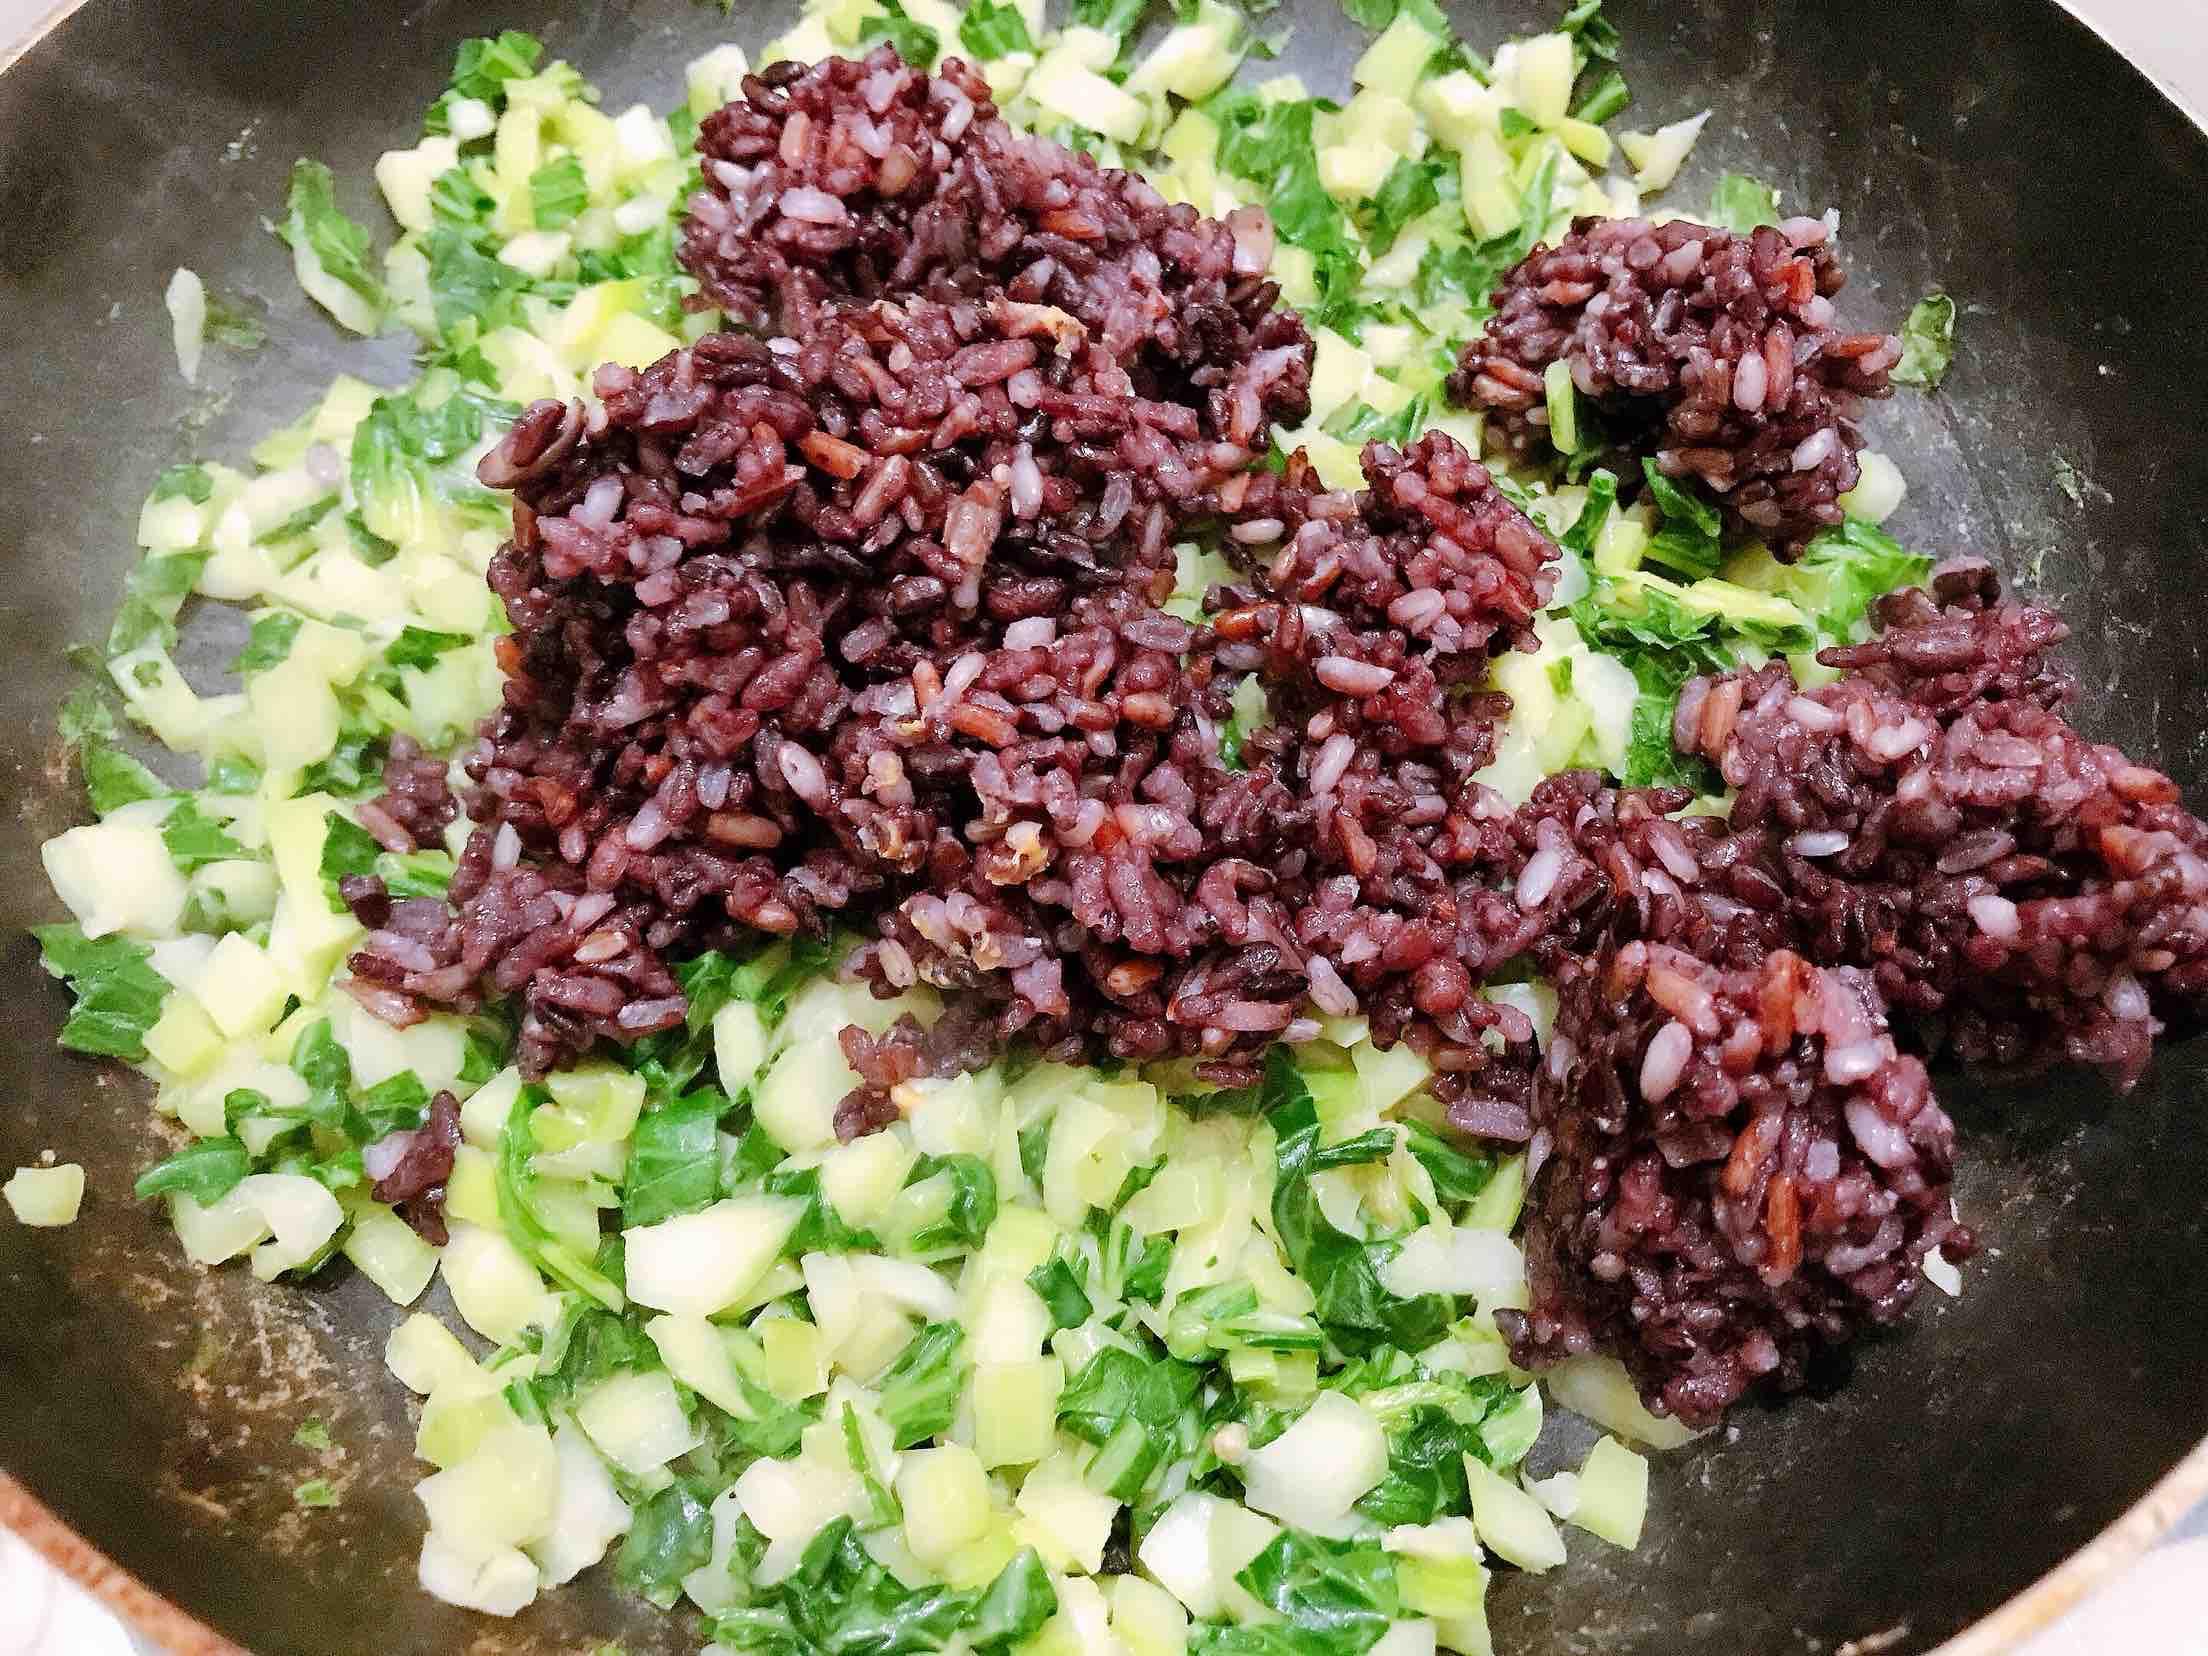 花生酱青菜糙米炒饭怎么做